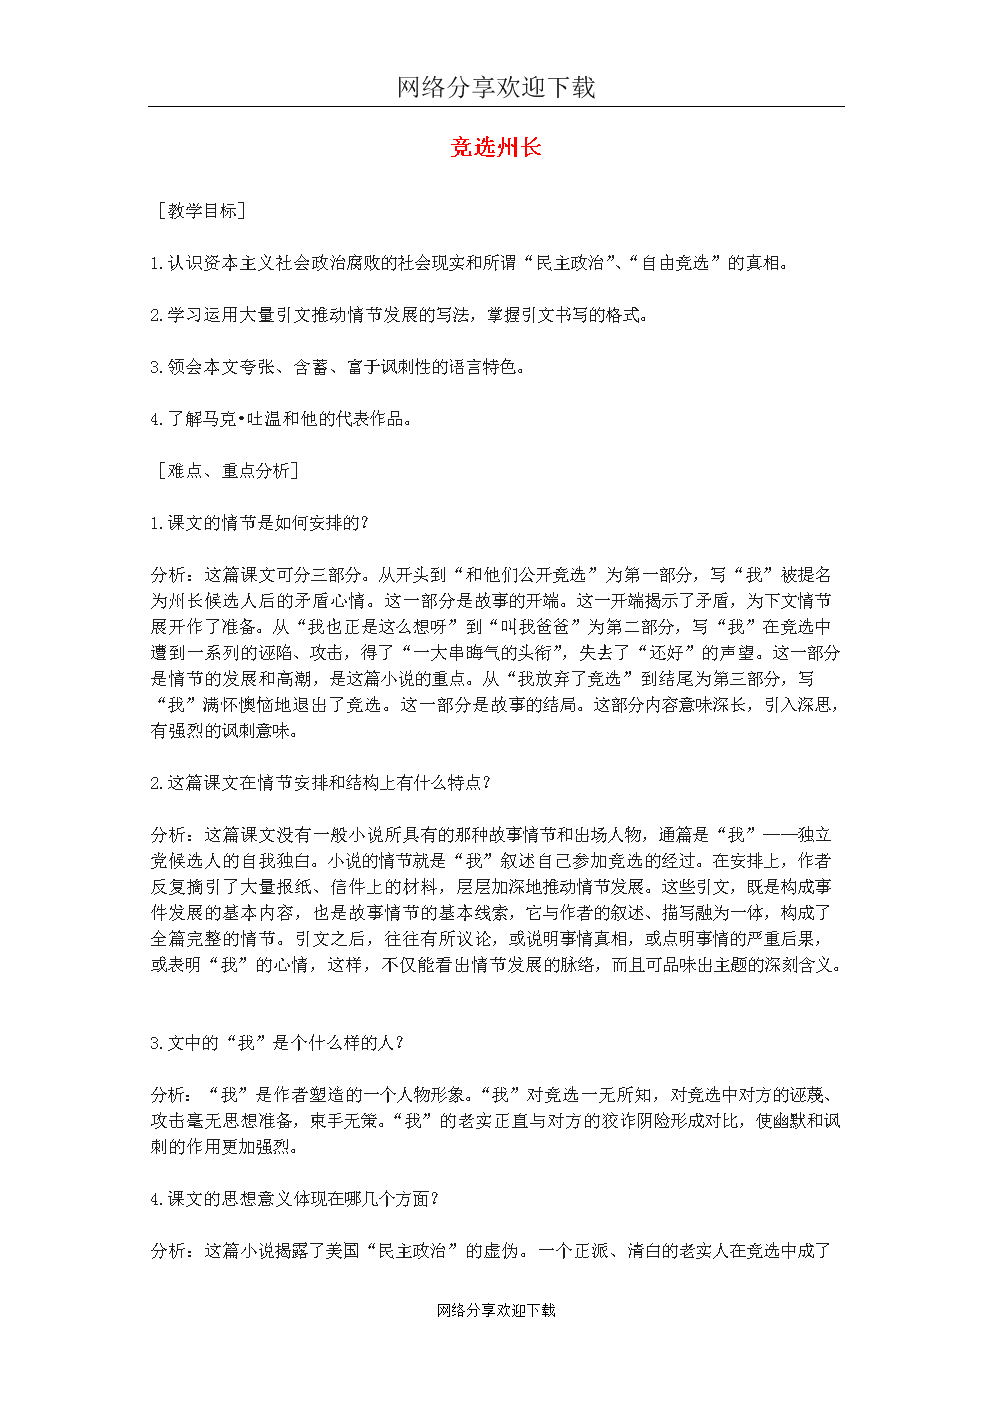 上海五四制语文九年级上册《25竞选州长》教案.doc